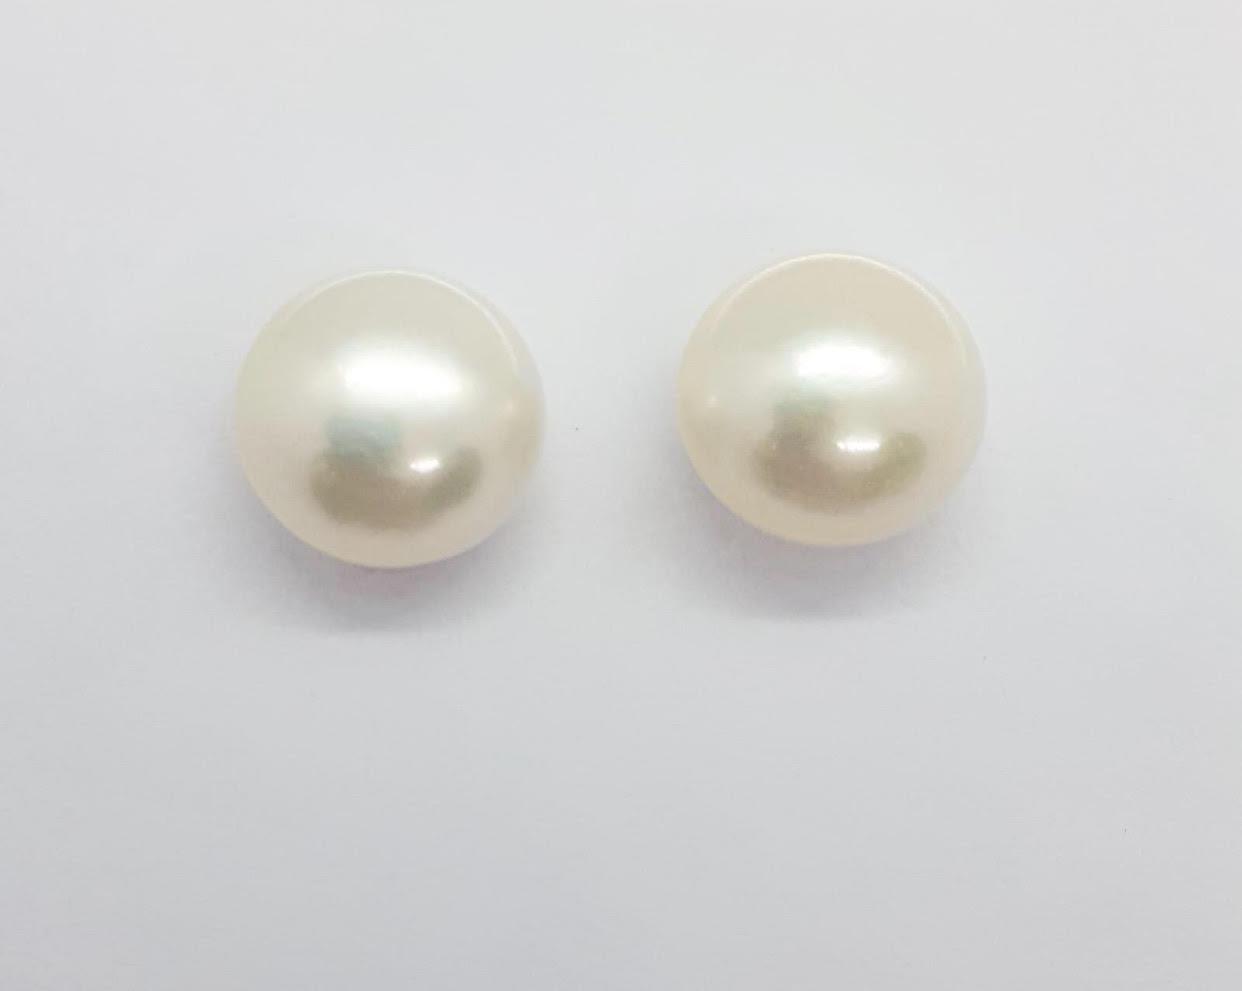 Sensi joyas alta joyería Granada plata compromiso PENDIENTES ORO 18K Y PERLAS